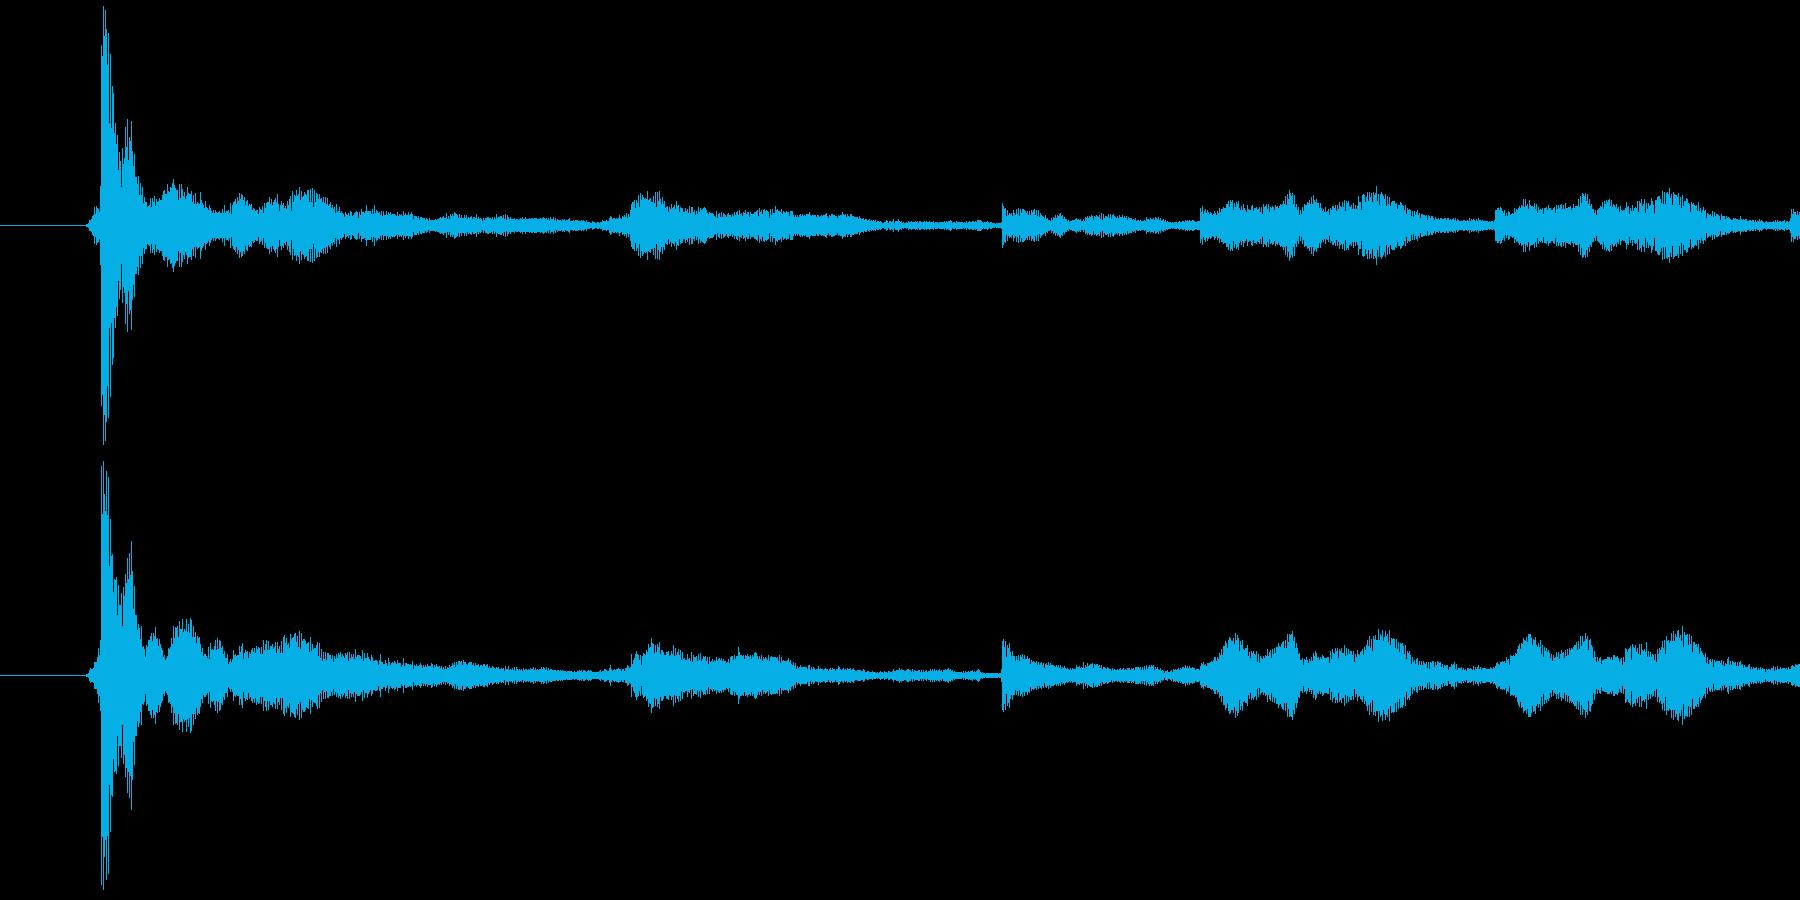 129_鍵を落とす音 チャリーンの再生済みの波形